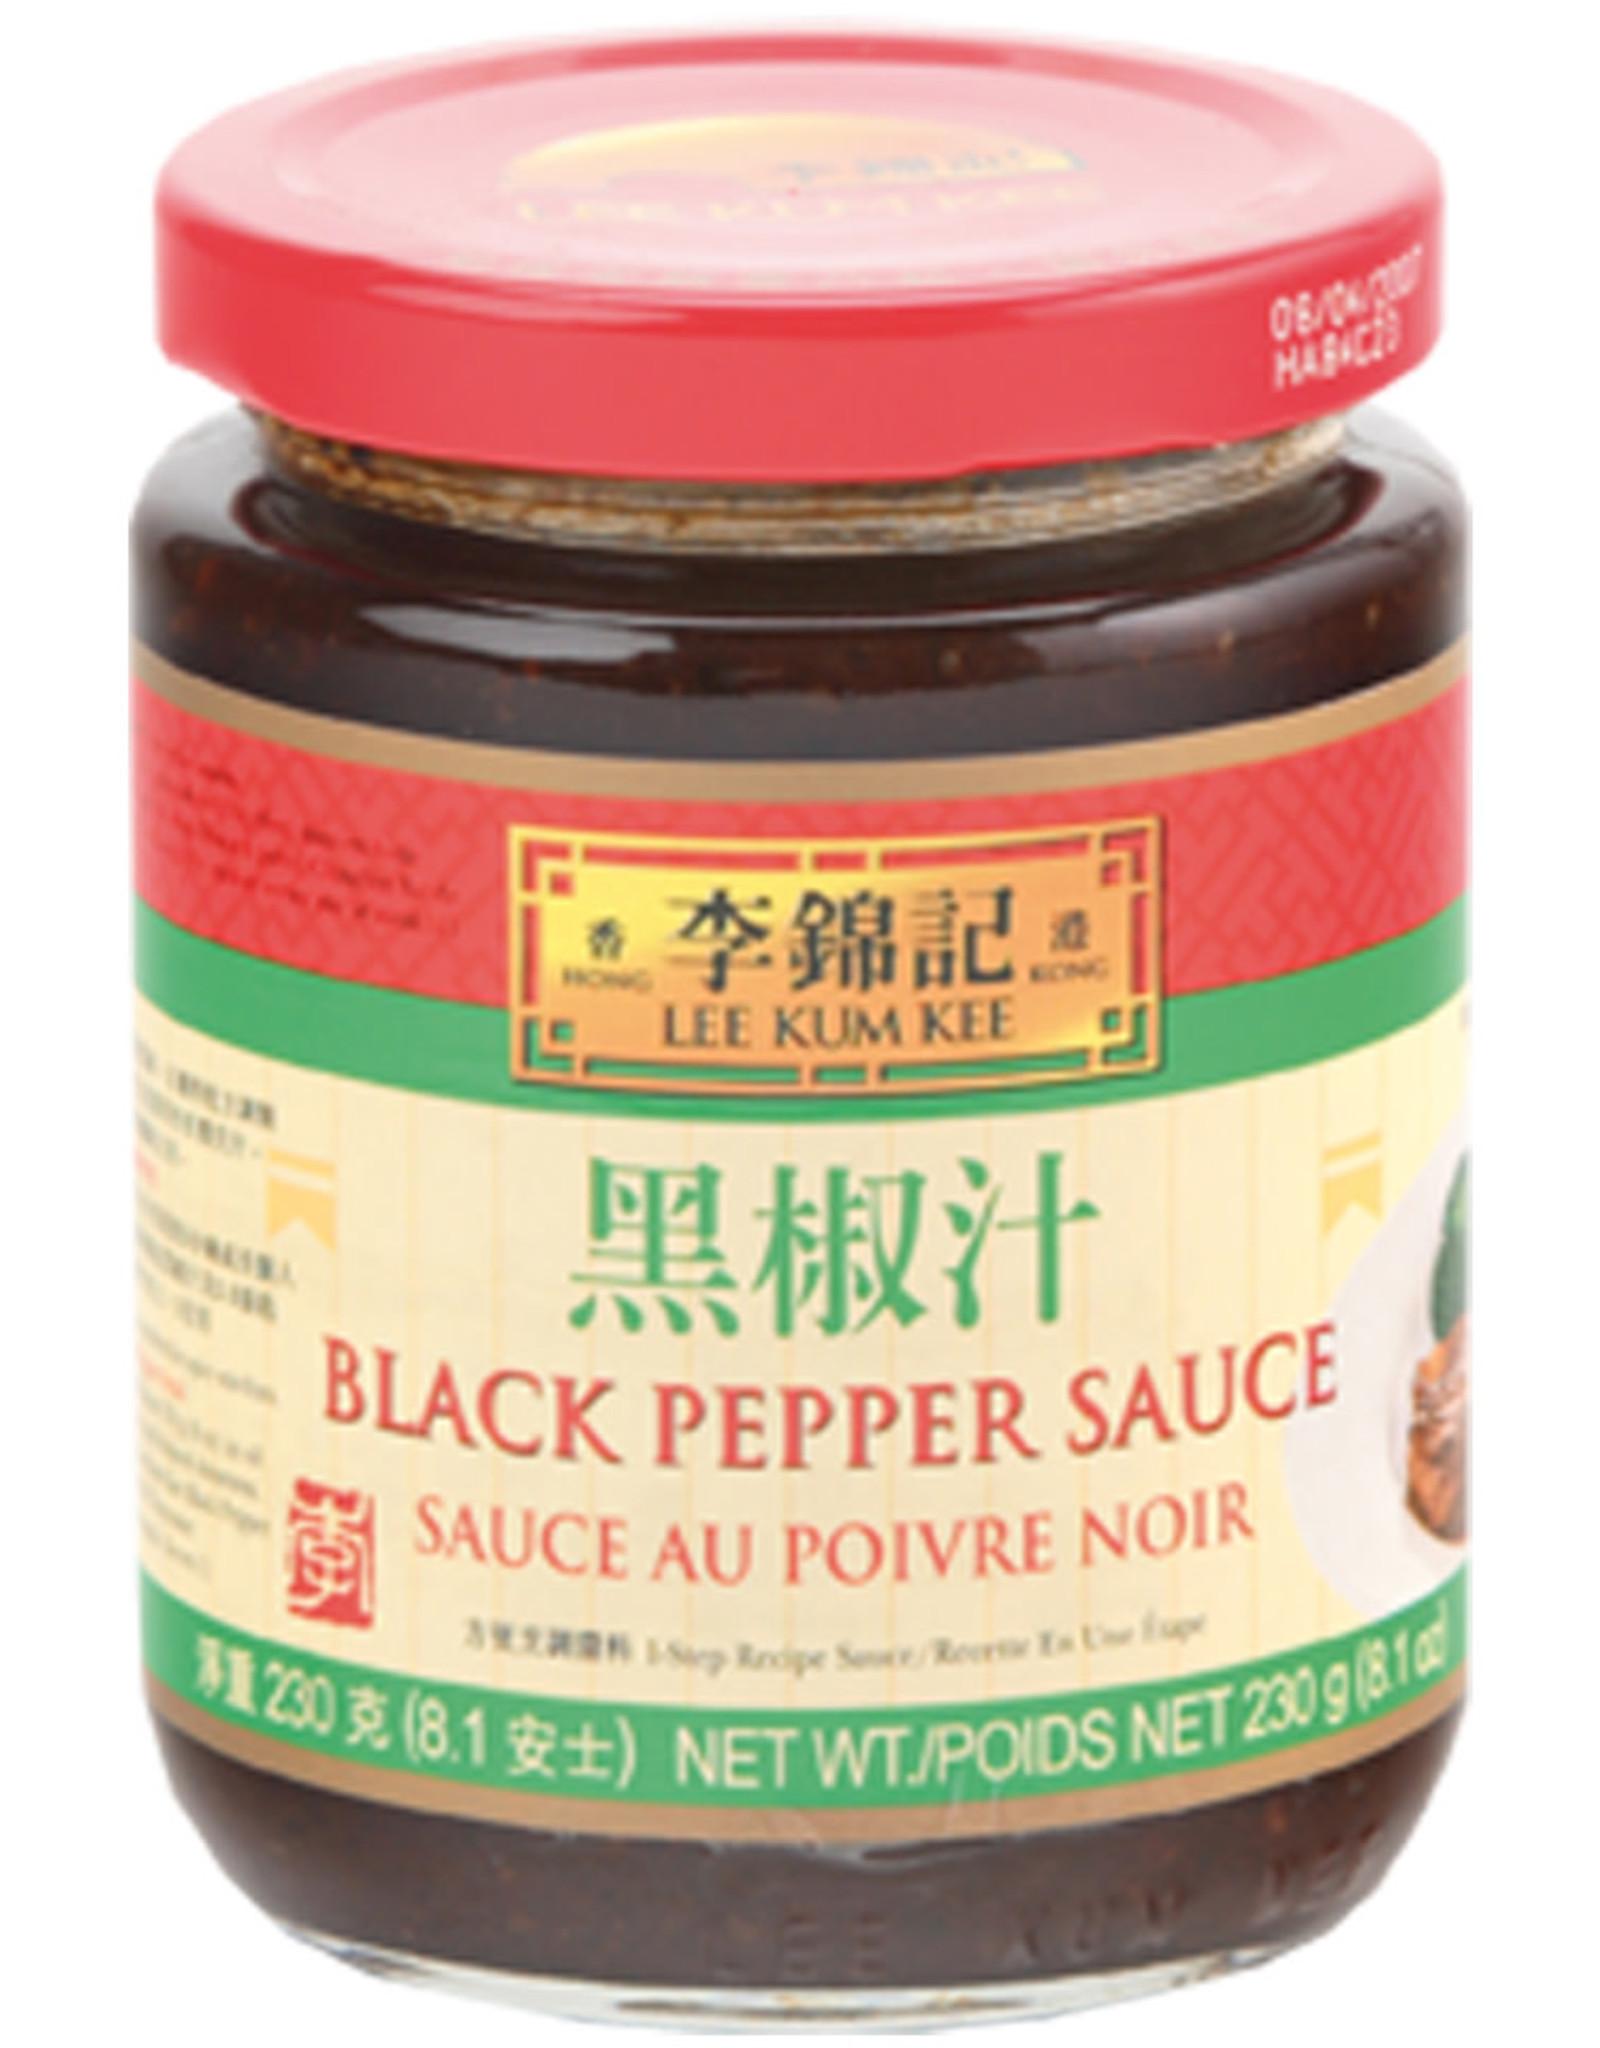 Black Peper Sauce Lkk 350G